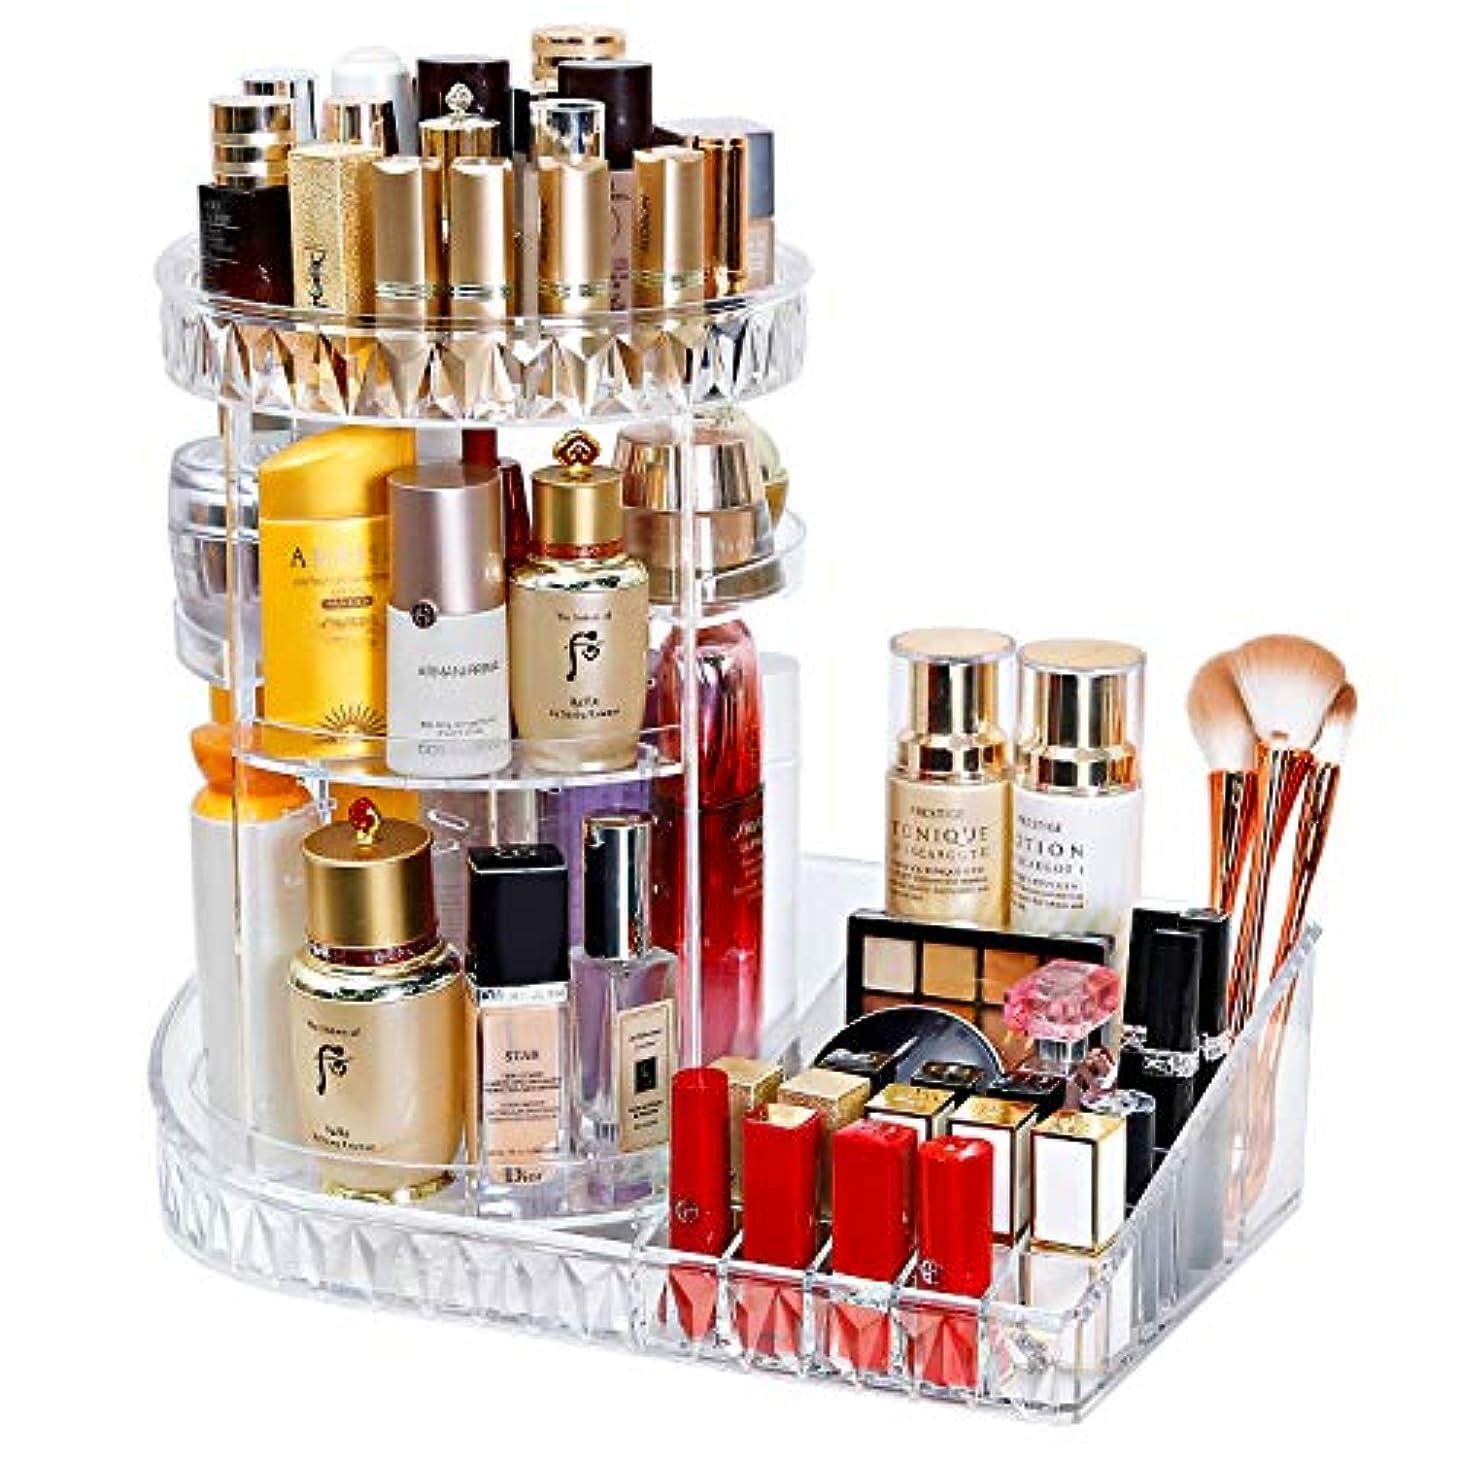 在庫クラス受ける化粧品収納ボックス コスメ収納 メイクボックス 360°回転式 大容量 高さ調整可能 リップスタンド 口紅 収納 香水入れ 透明ケース 取り組み簡単 2イン1 L型デザイン